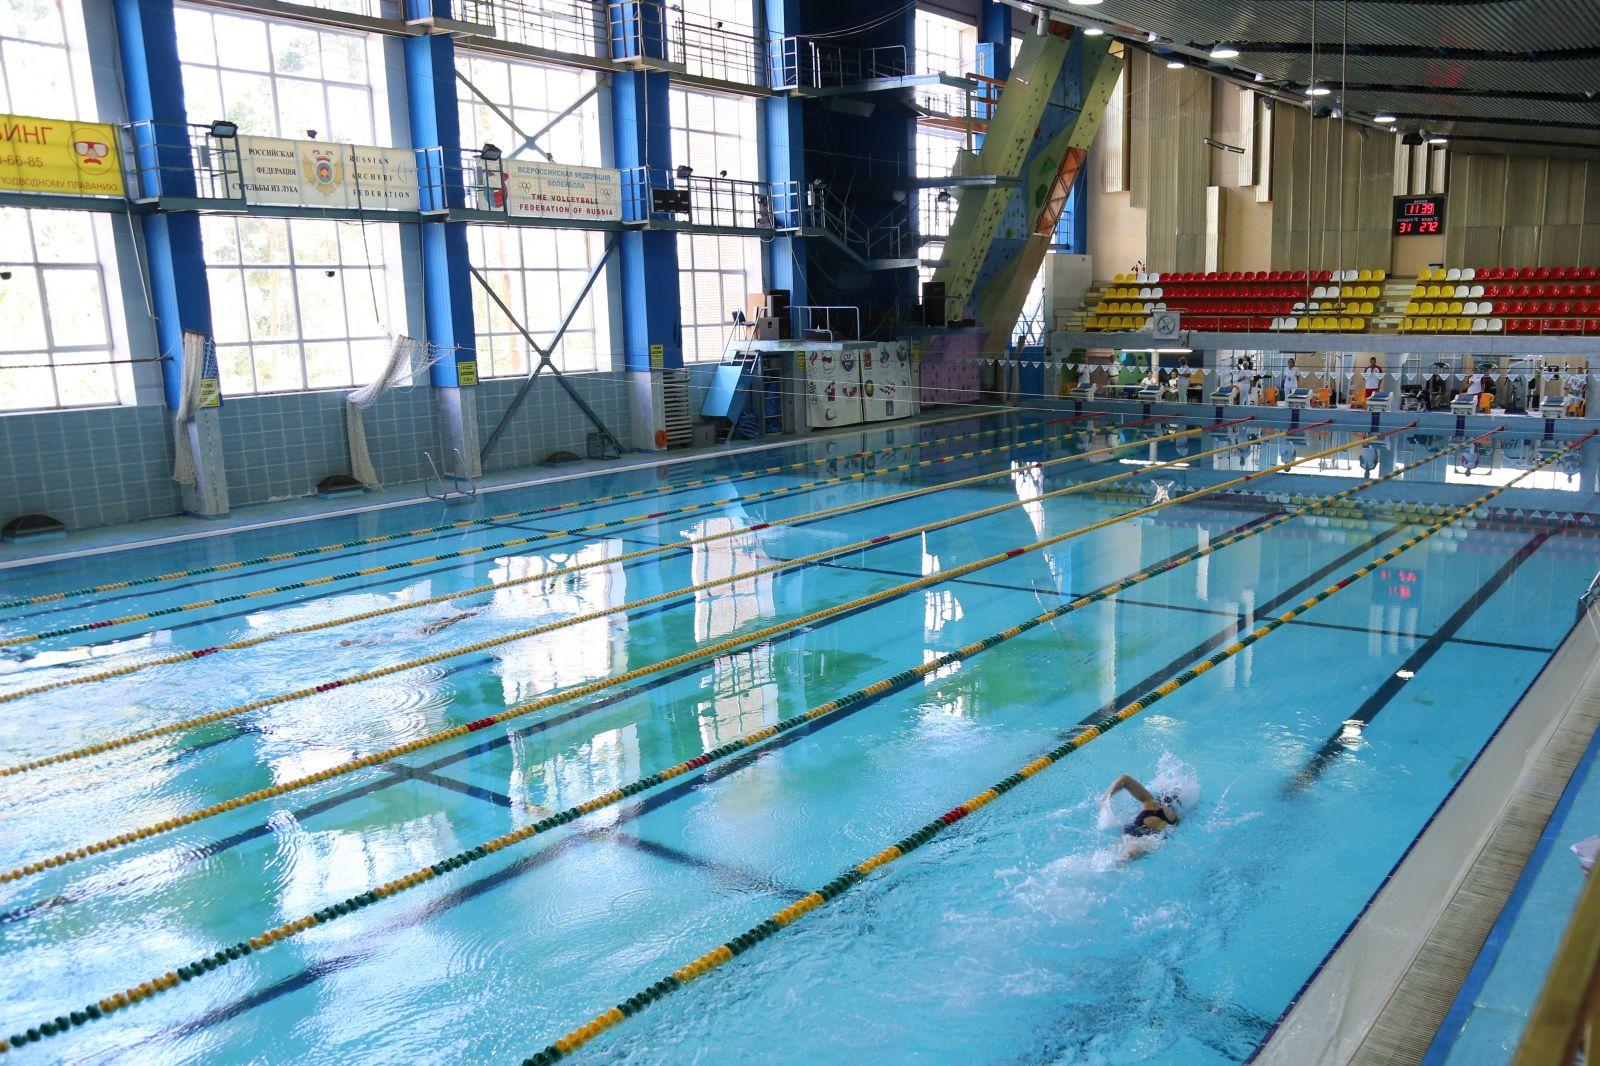 В г. Раменском в бассейне Спортивно-оздоровительного комплекса «Сатурн» пройдет чемпионат России по плаванию спорта слепых